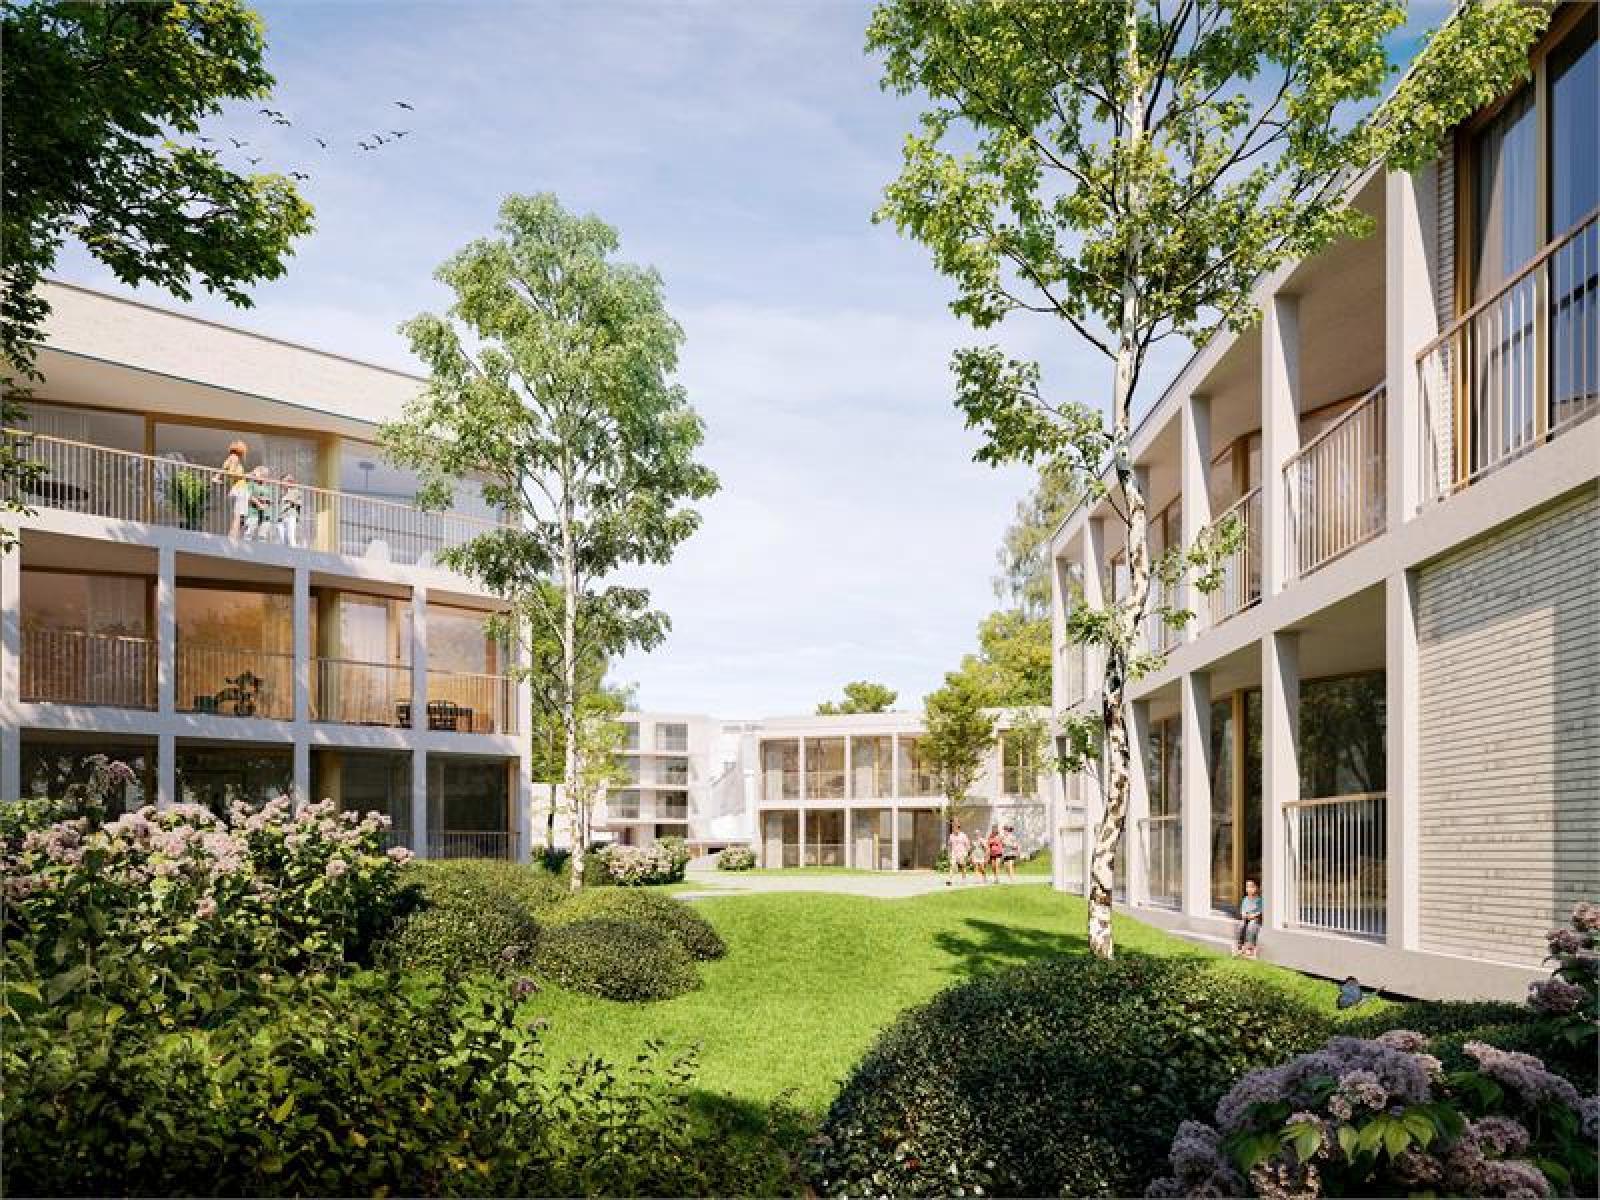 Nieuwbouw BEN-appartement op de eerste verdieping in prachtig binnengebied! afbeelding 2